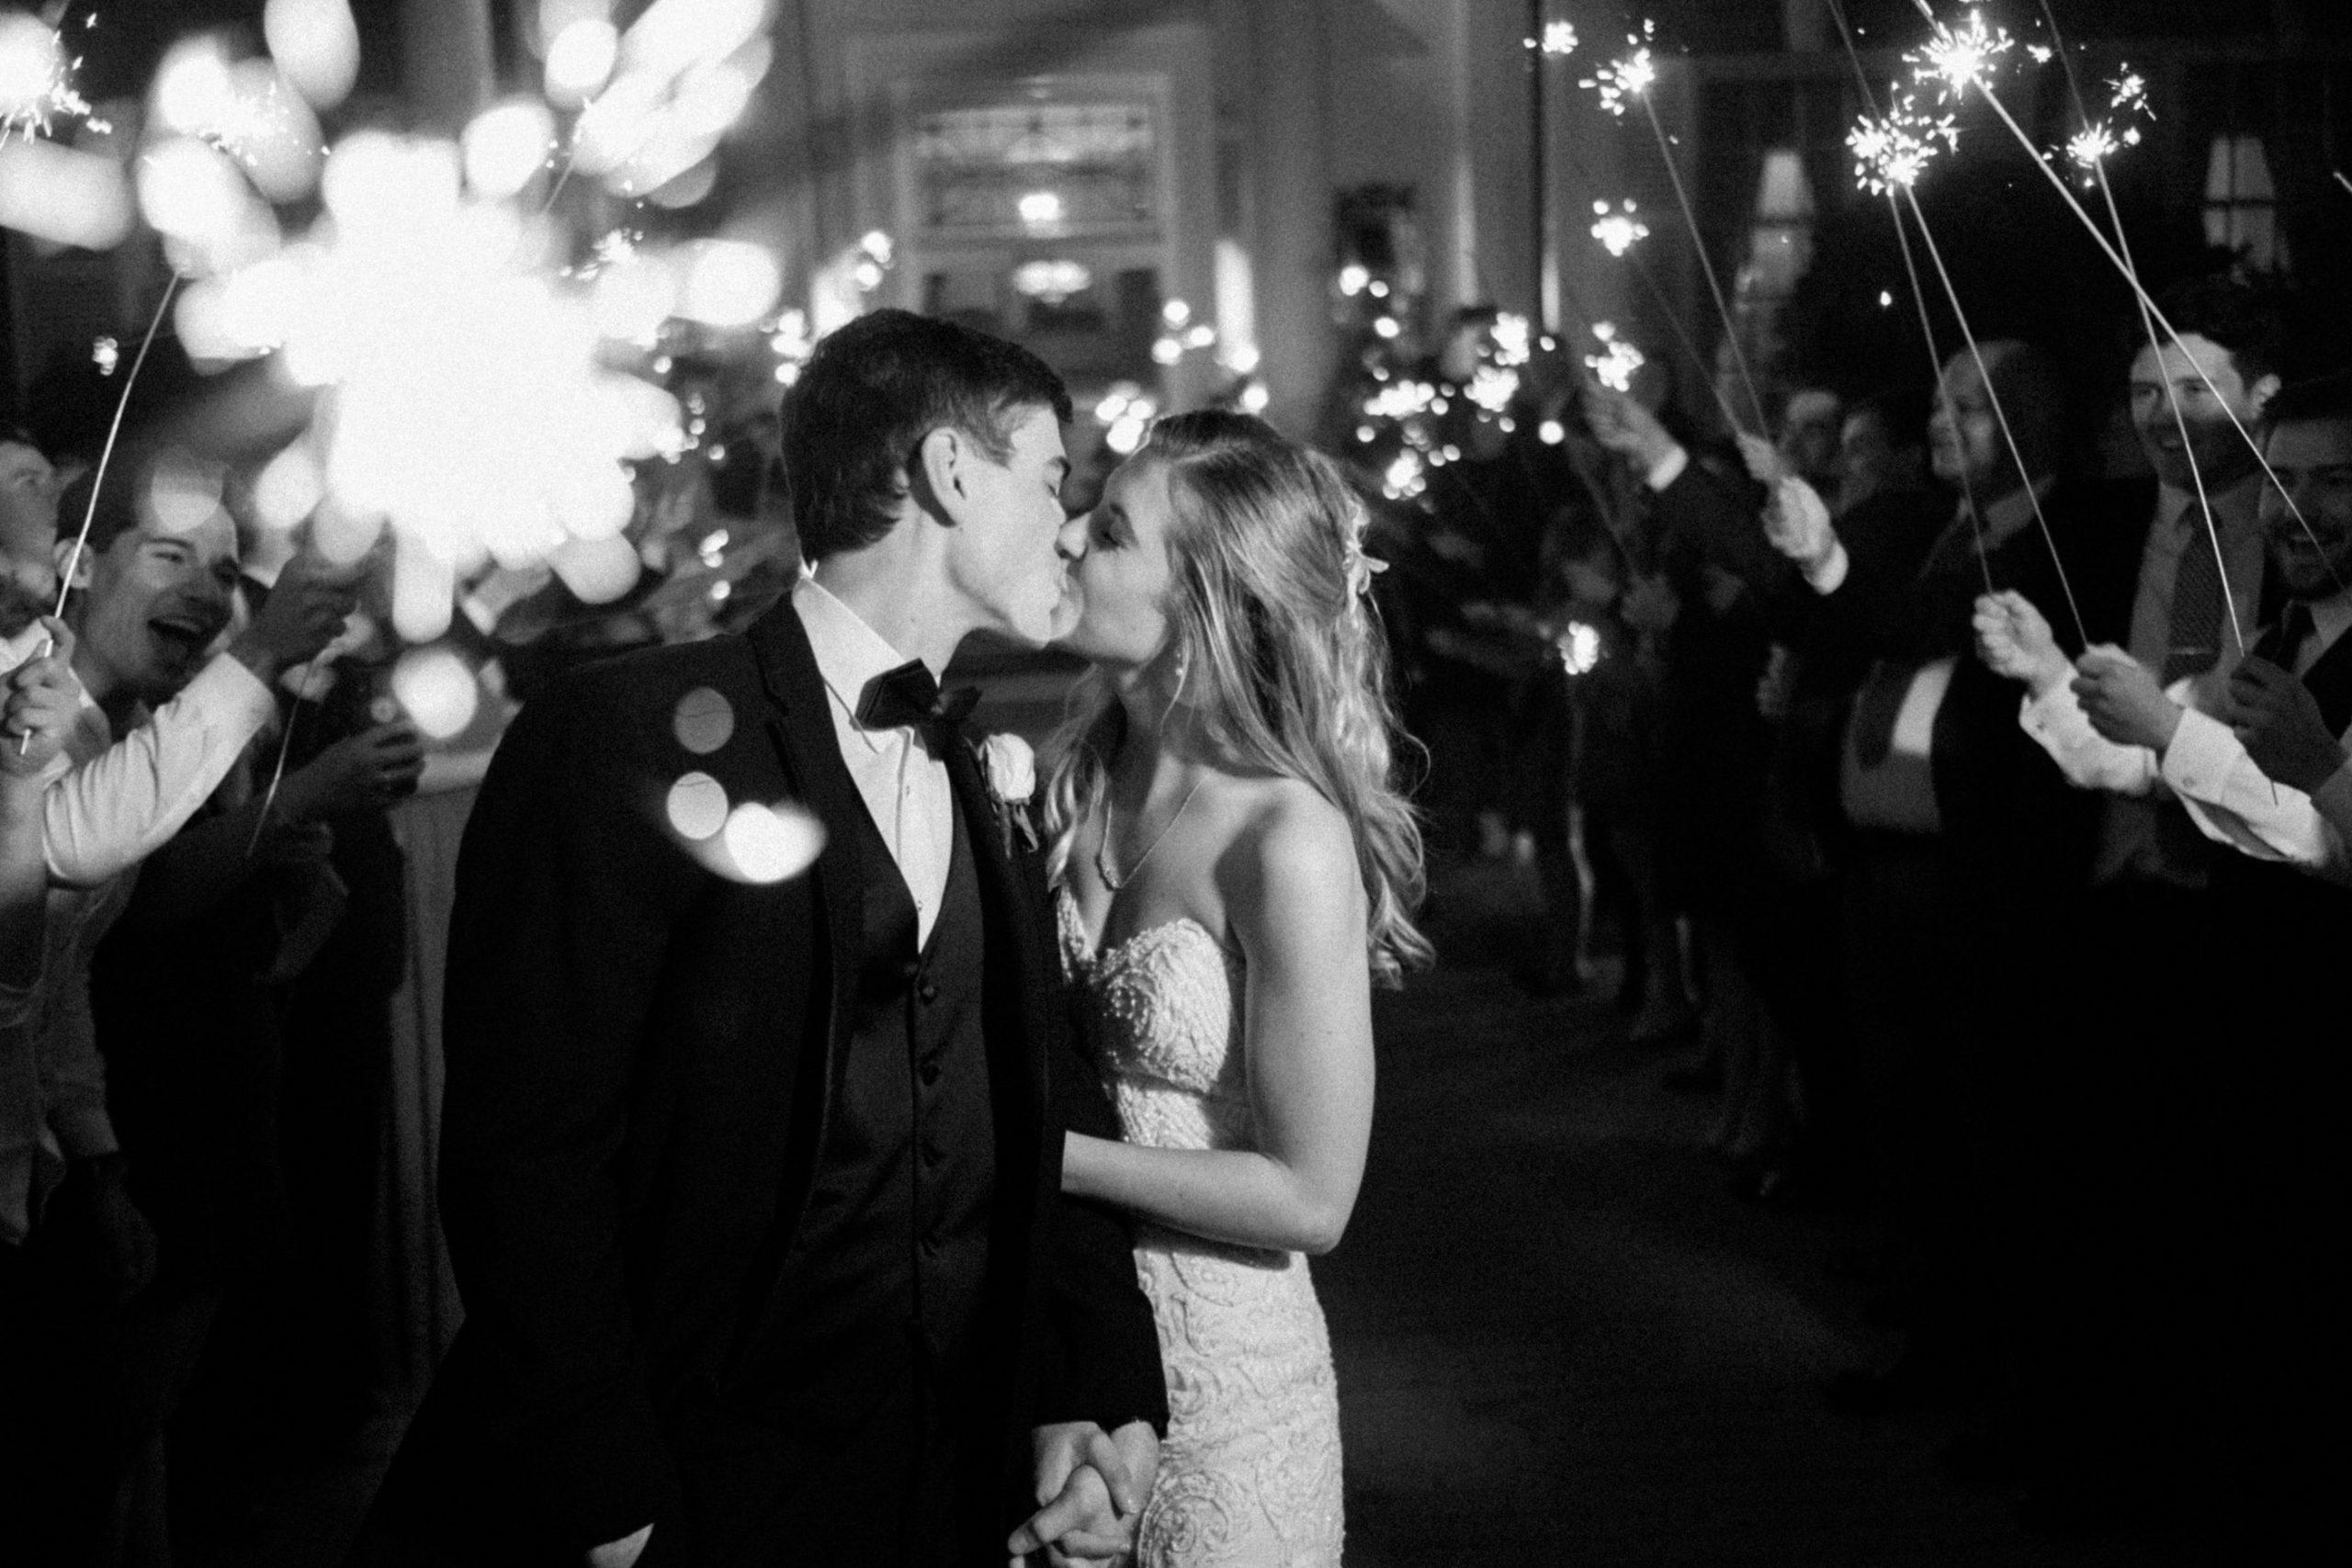 Annie_Carter_Sloane_Photo_Destination_Wedding_Photographer-1008-2